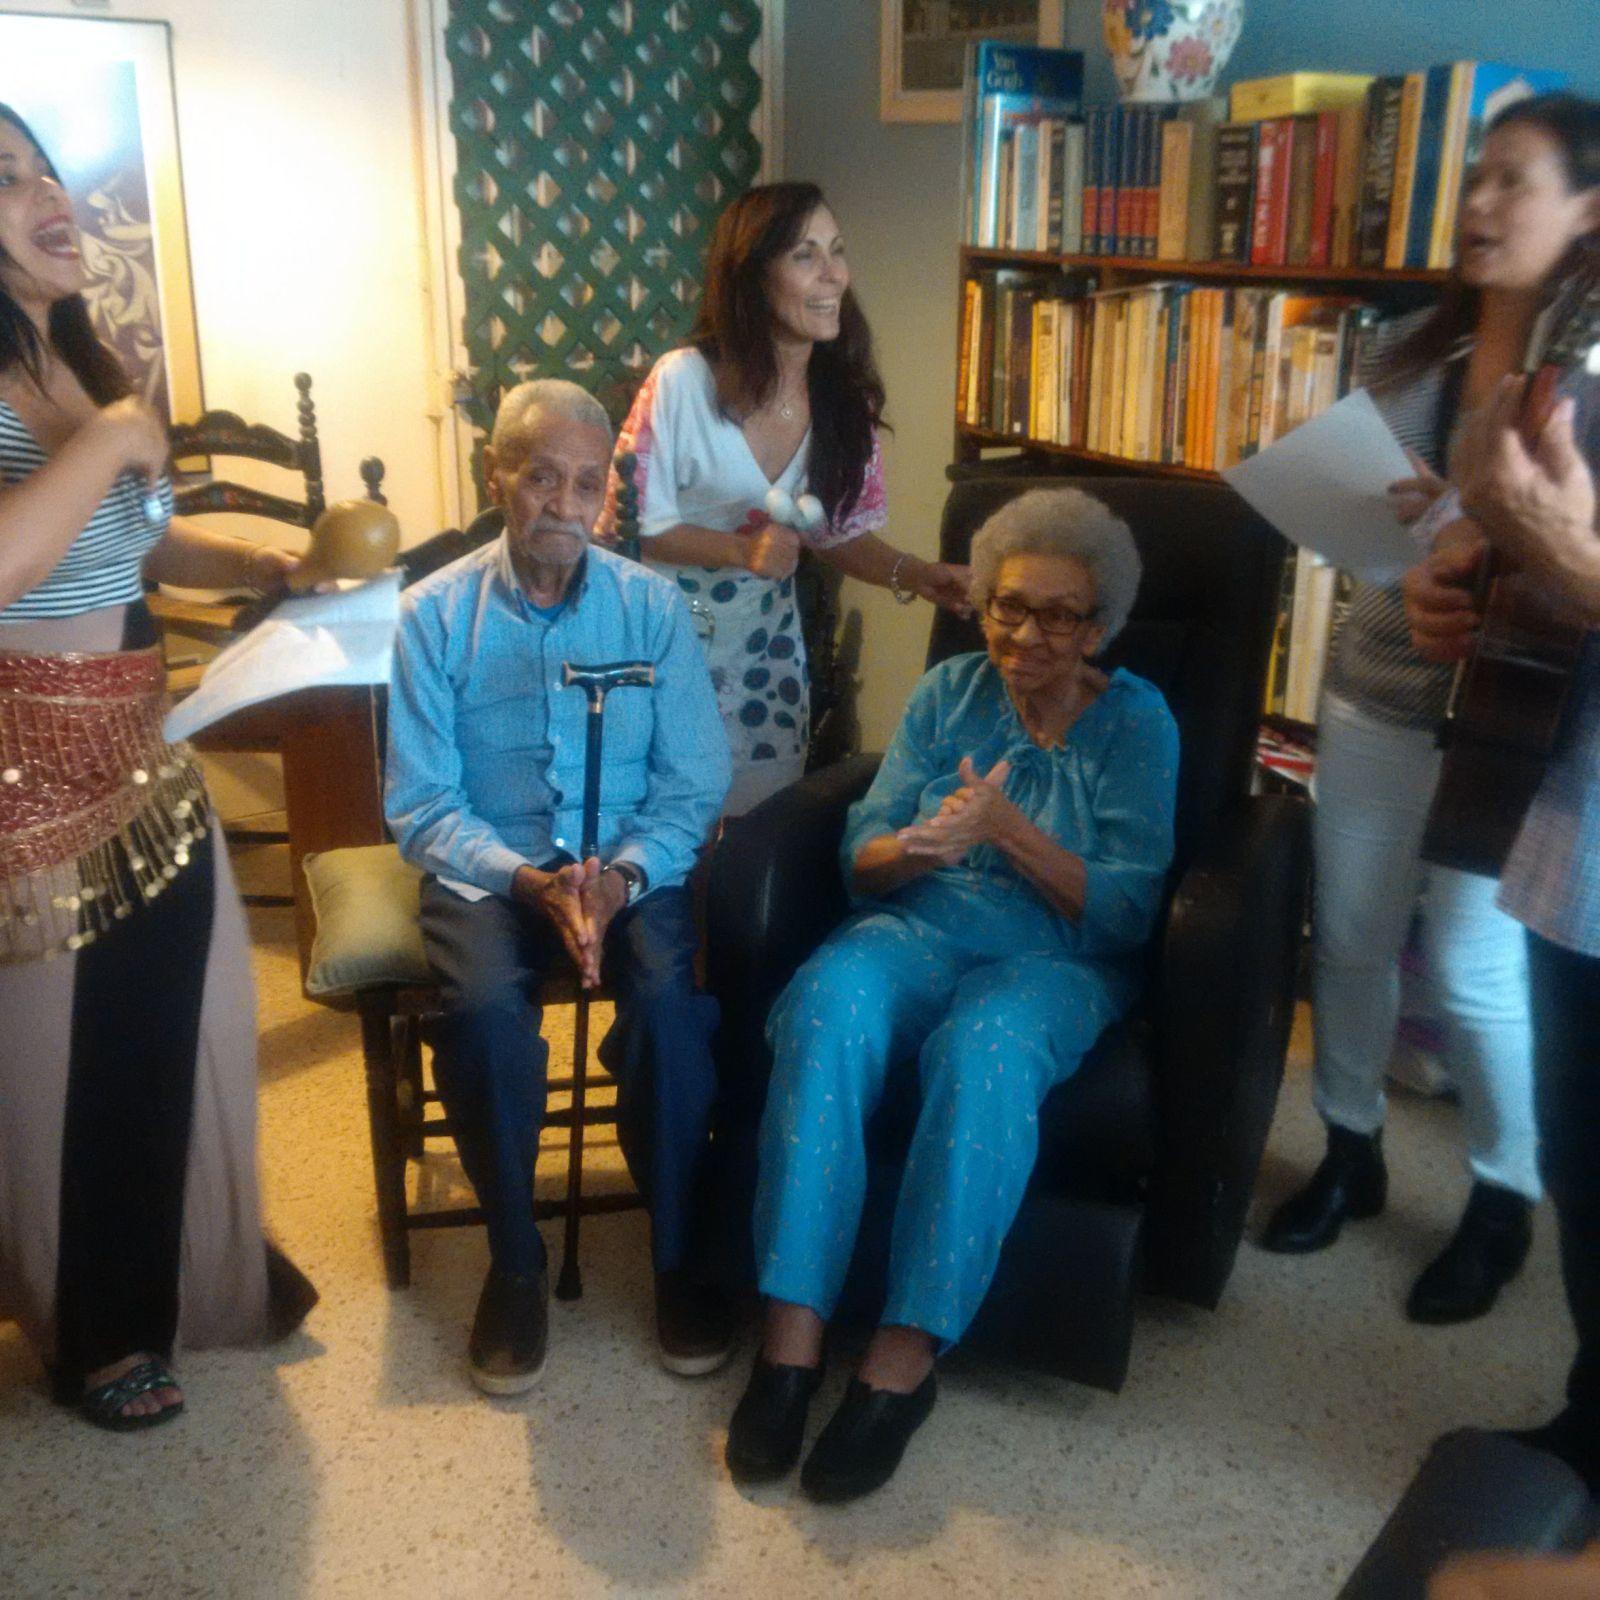 Luis Maysinet y Victoria Espinosa fueron visitados en su hogar en Hato Rey. (Foto Alina Marrero para Fundación Nacional para la Cultura Popular)